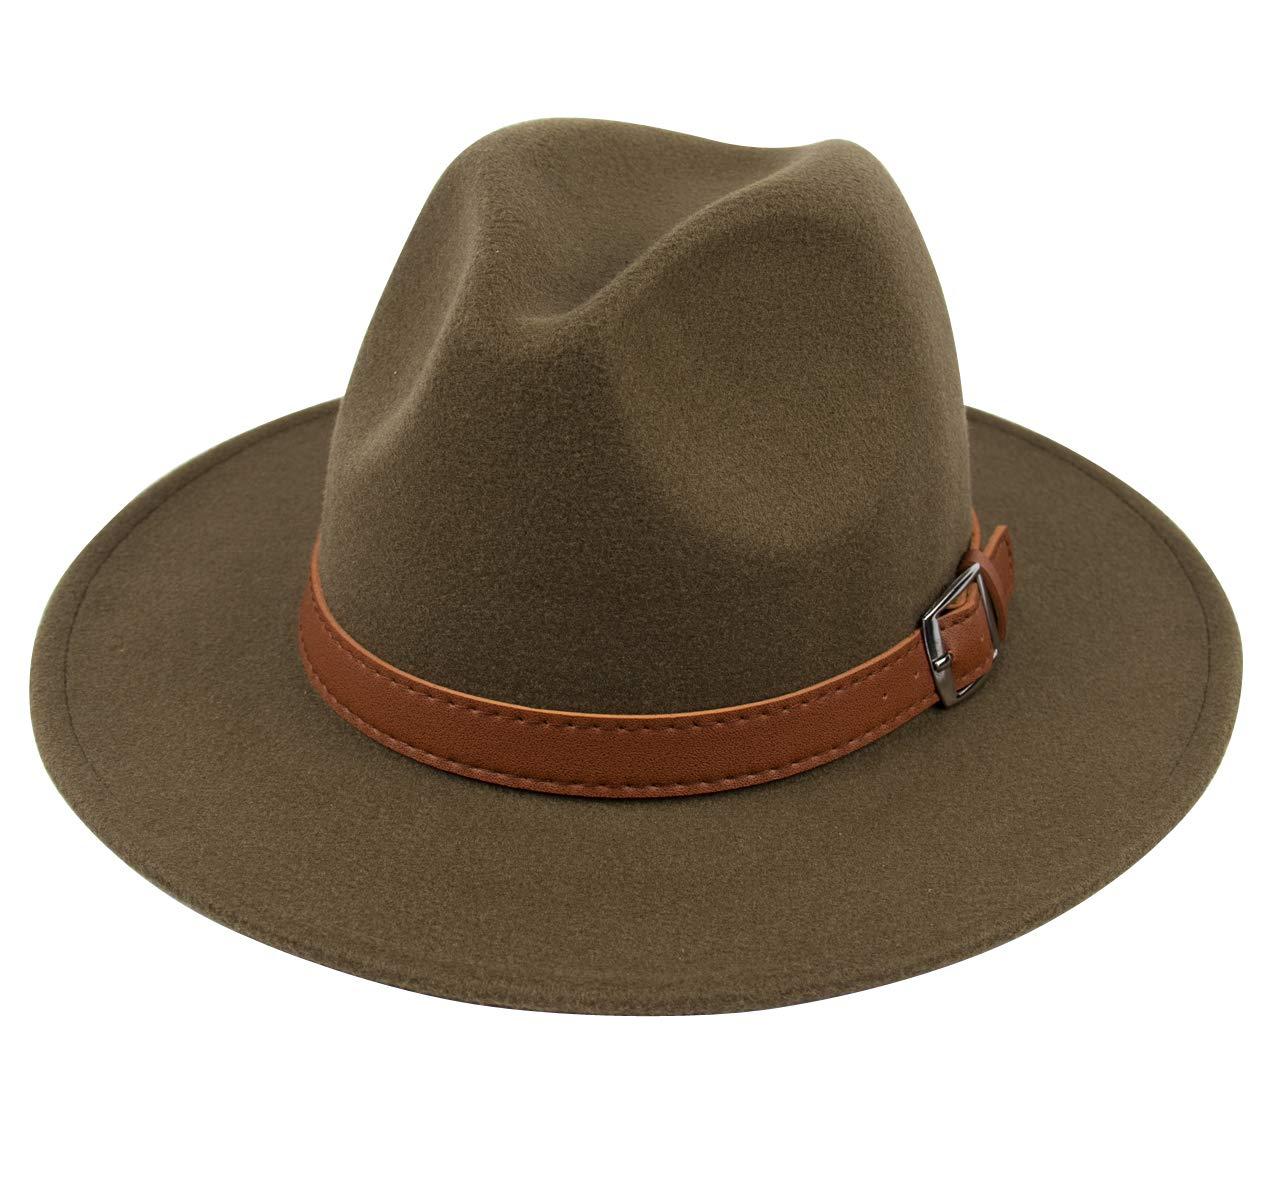 Lanzom Women Lady Retro Wide Brim Floppy Panama Hat Belt Buckle Wool Fedora Hat (Z-Army, One Size)